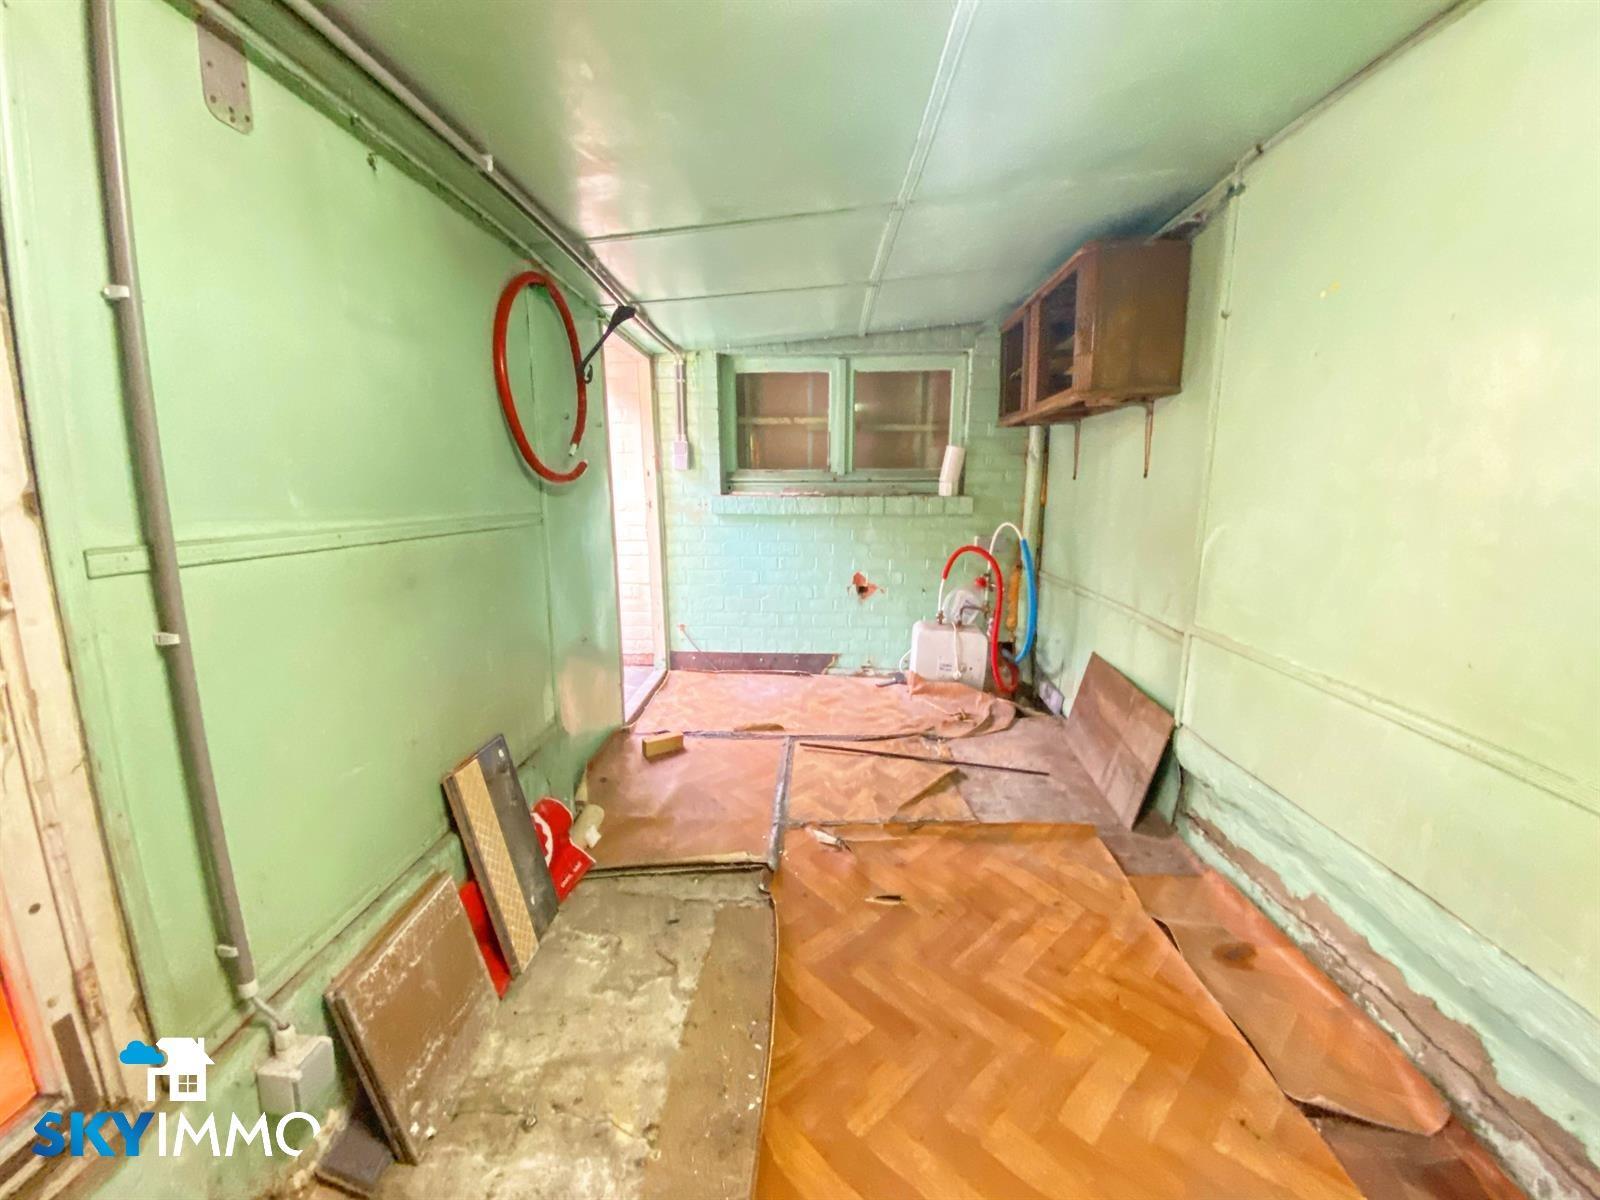 Bel-étage - Flemalle - #4295119-21